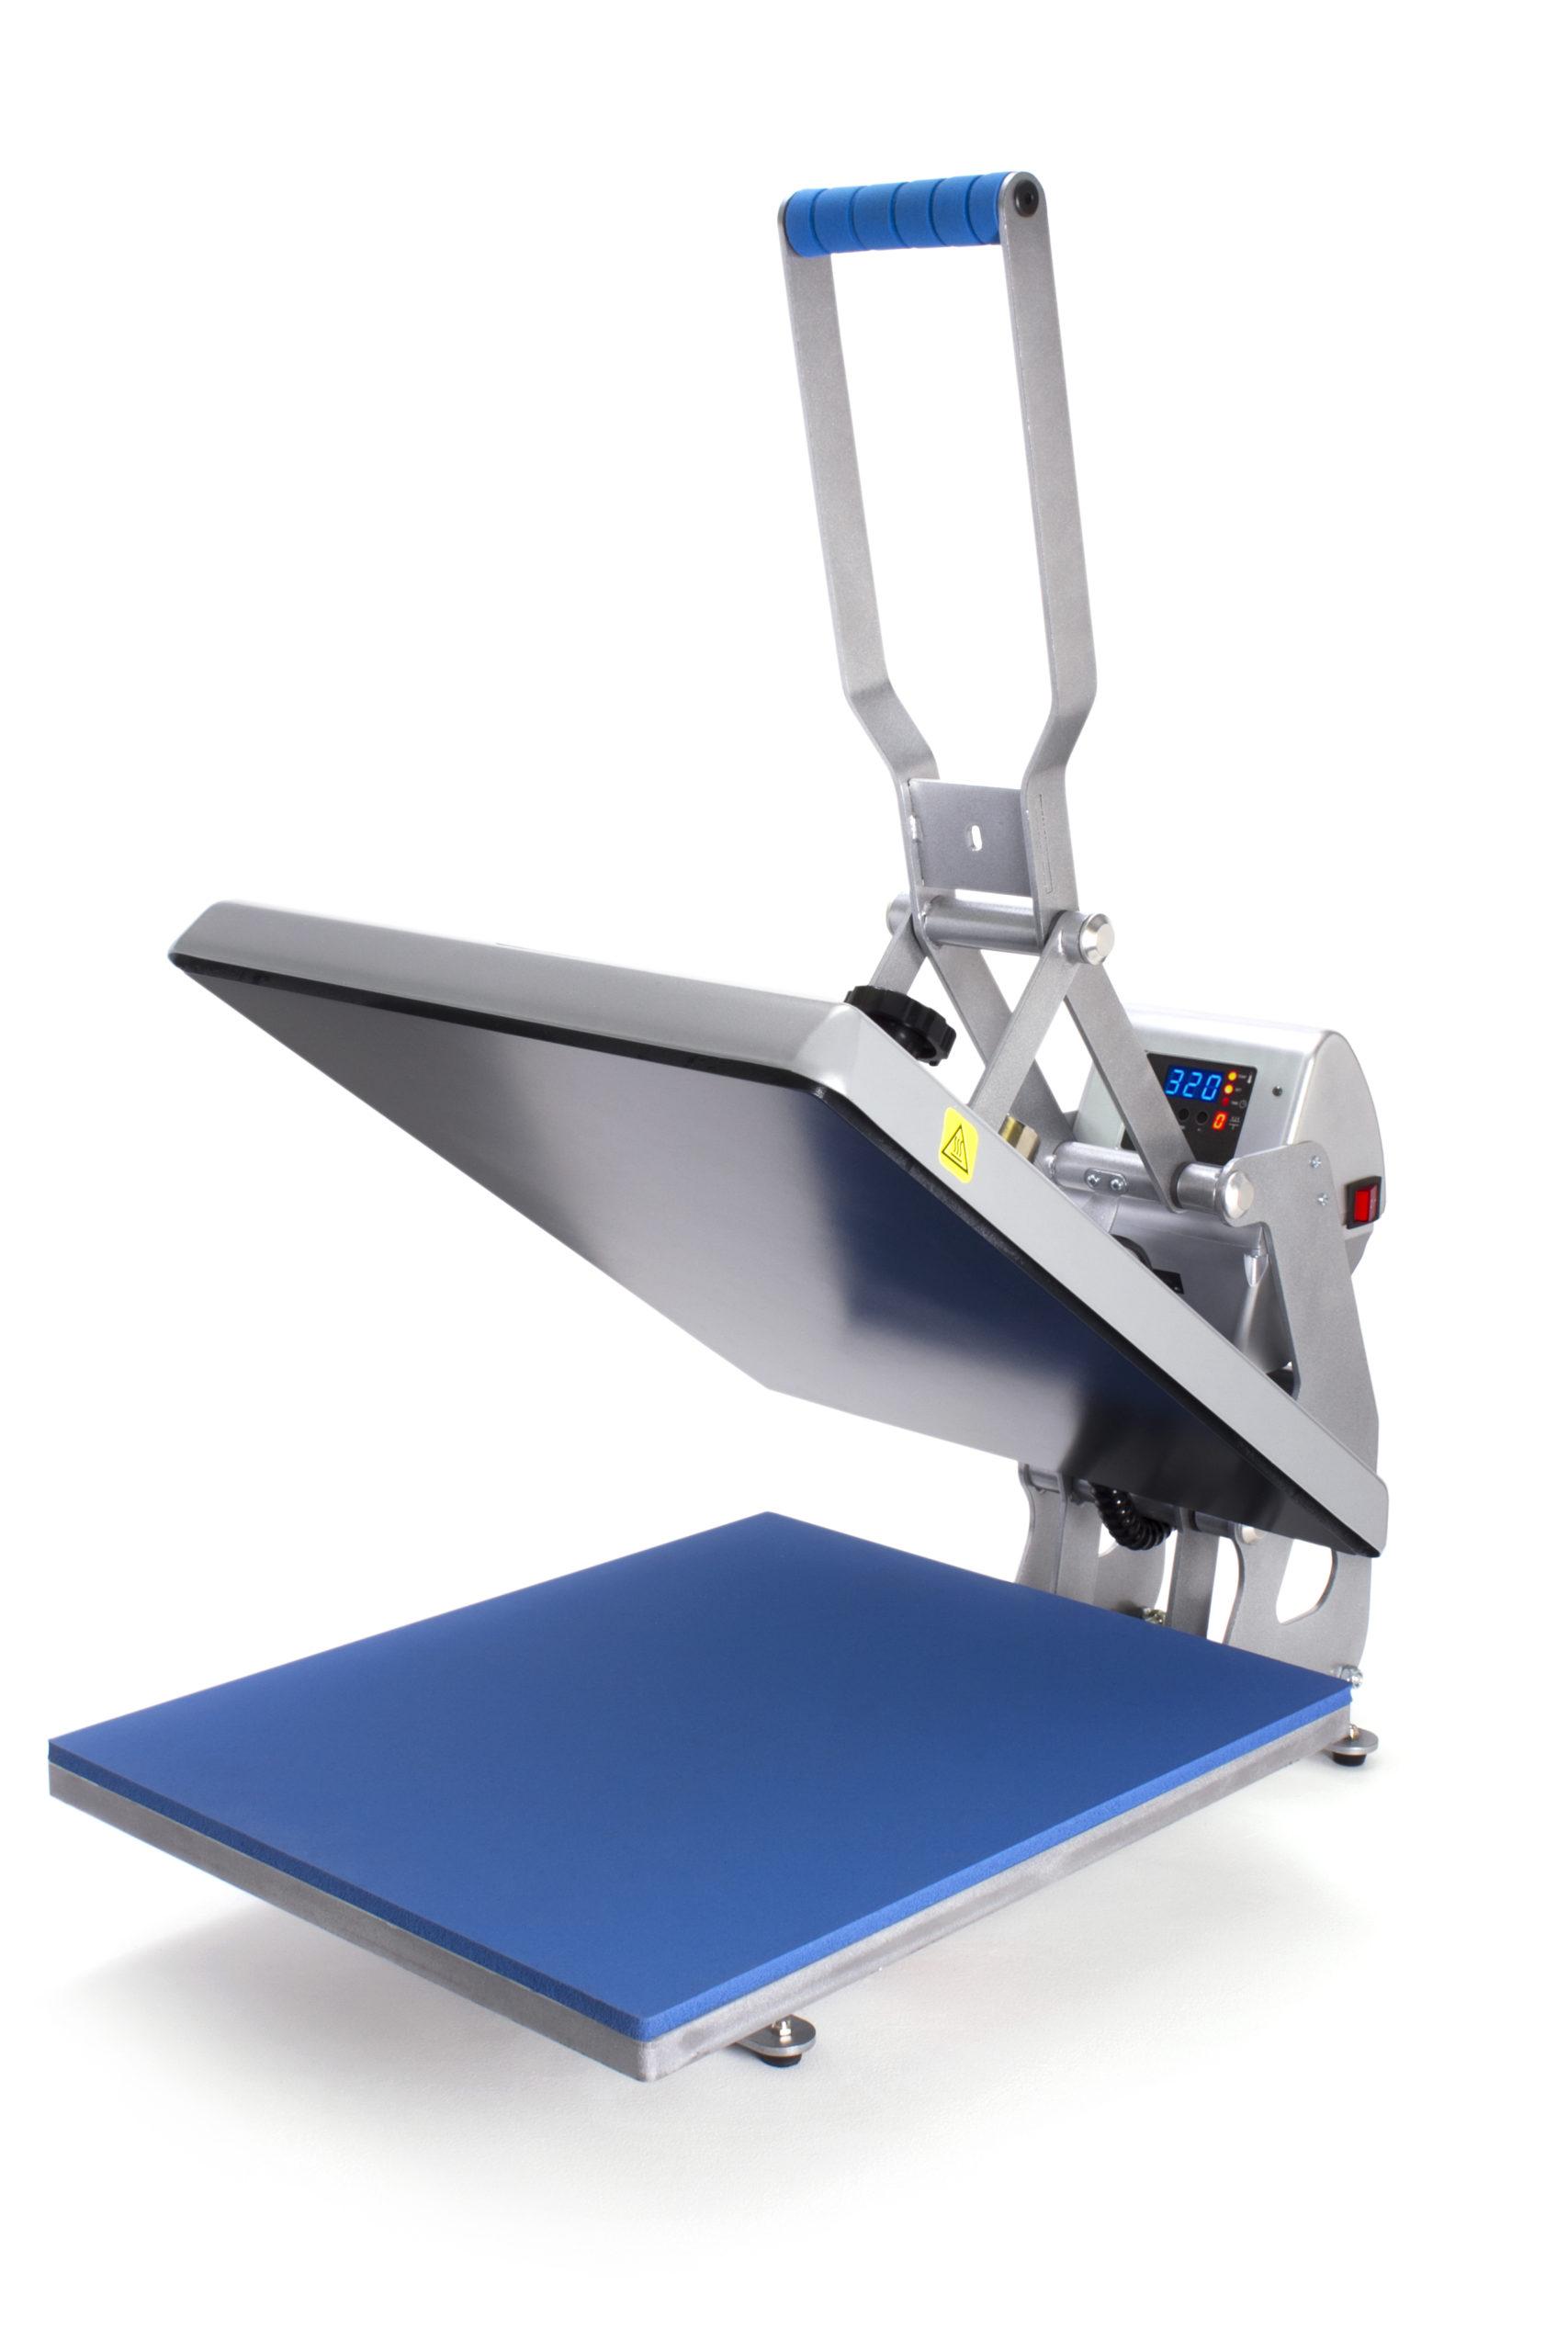 auto-clam-16x20-full-right-angle-open